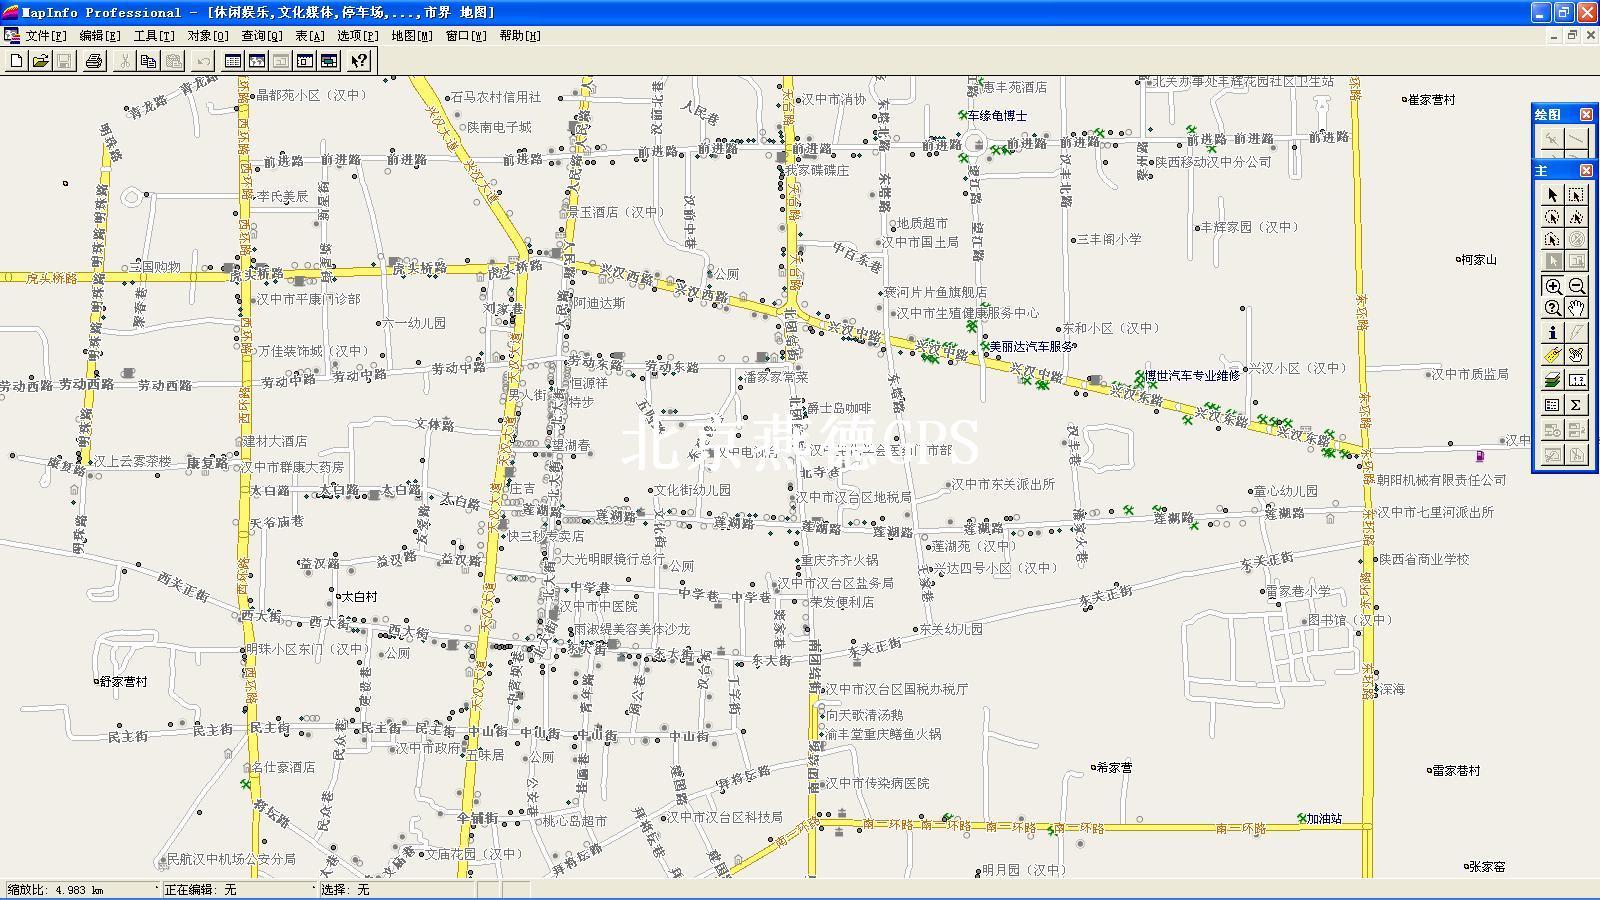 汉中市汉台区地图; 陕西汉中地图;